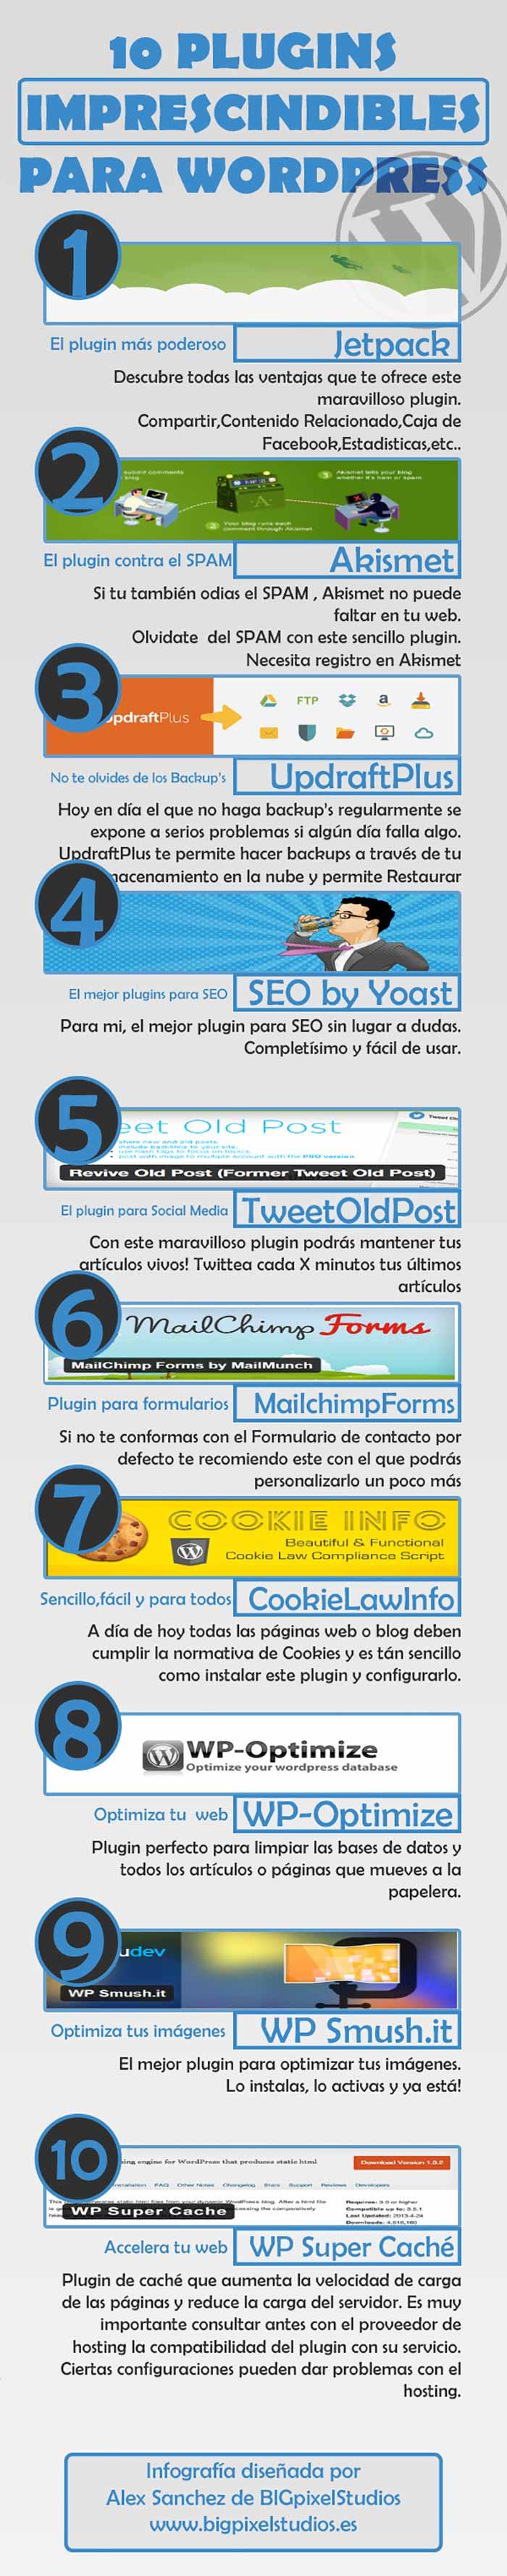 Infografia sobre los 10 plugins imprescindibles para el wordpress